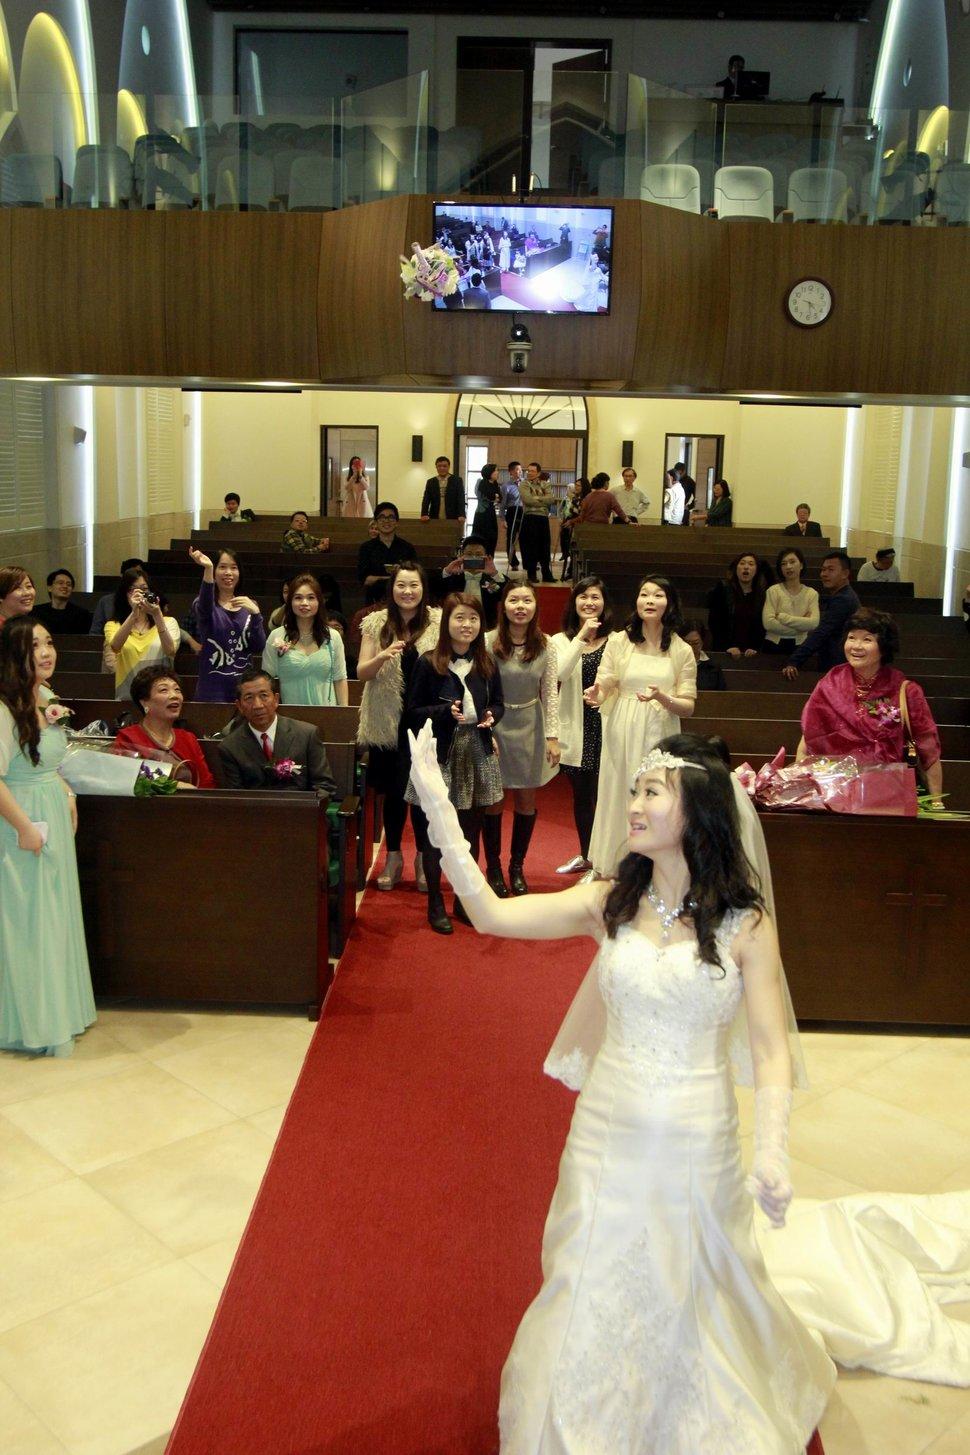 婚禮記錄汐止那米哥餐廳婚宴會館餐廳婚攝j婚錄結婚迎娶婚禮記錄動態微電影錄影專業錄影平面攝影婚禮紀錄婚攝婚錄主持人(編號:305661) - 蜜月拍照10800錄影12800攝影團隊 - 結婚吧